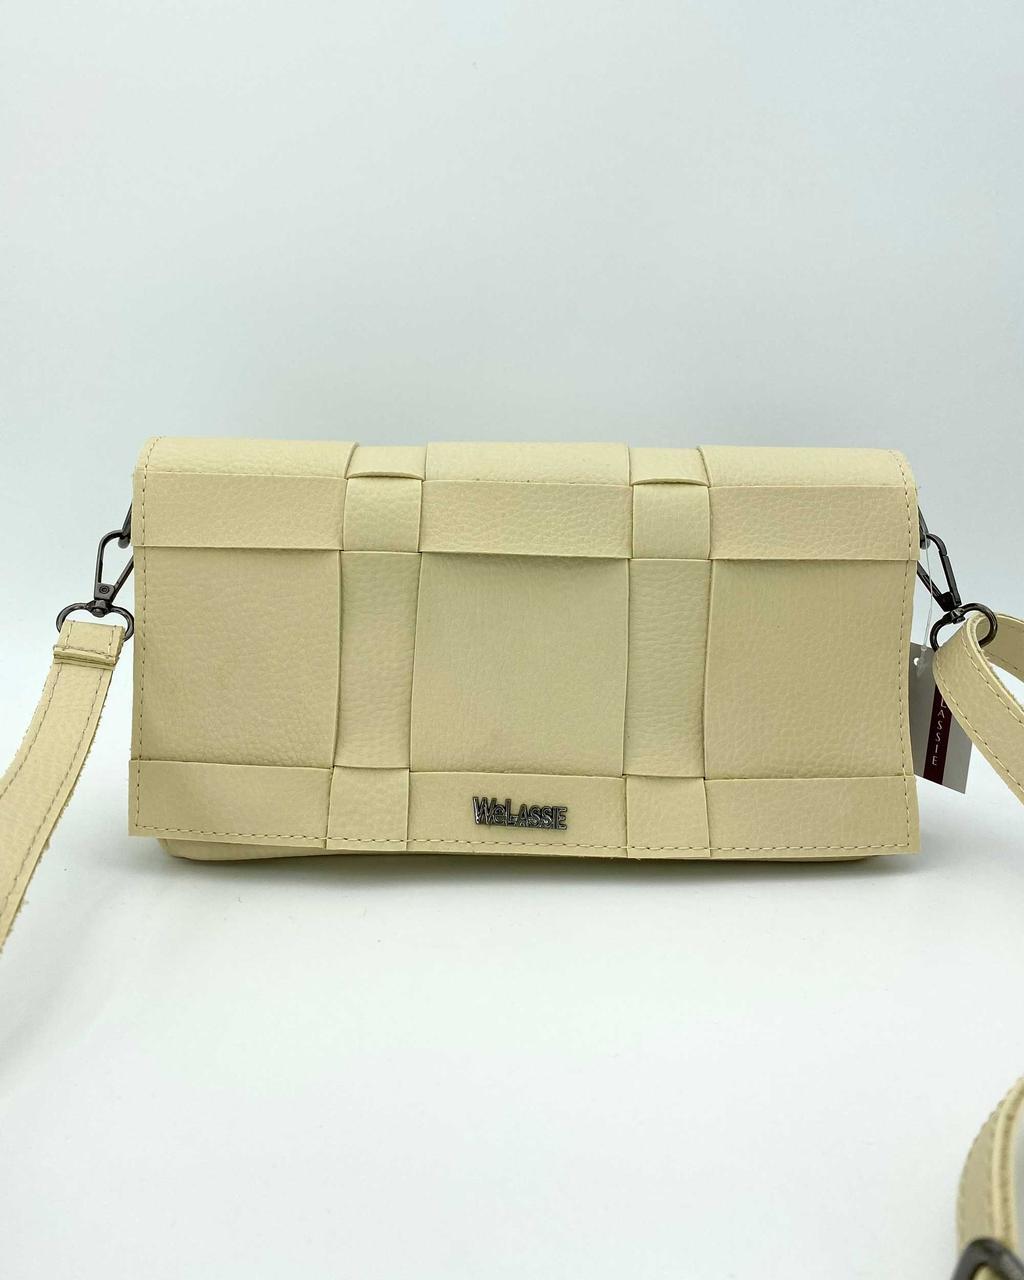 Женская сумка молочного цвета! Маленькая мини сумочка 65209 плетеная кросс боди через плечо